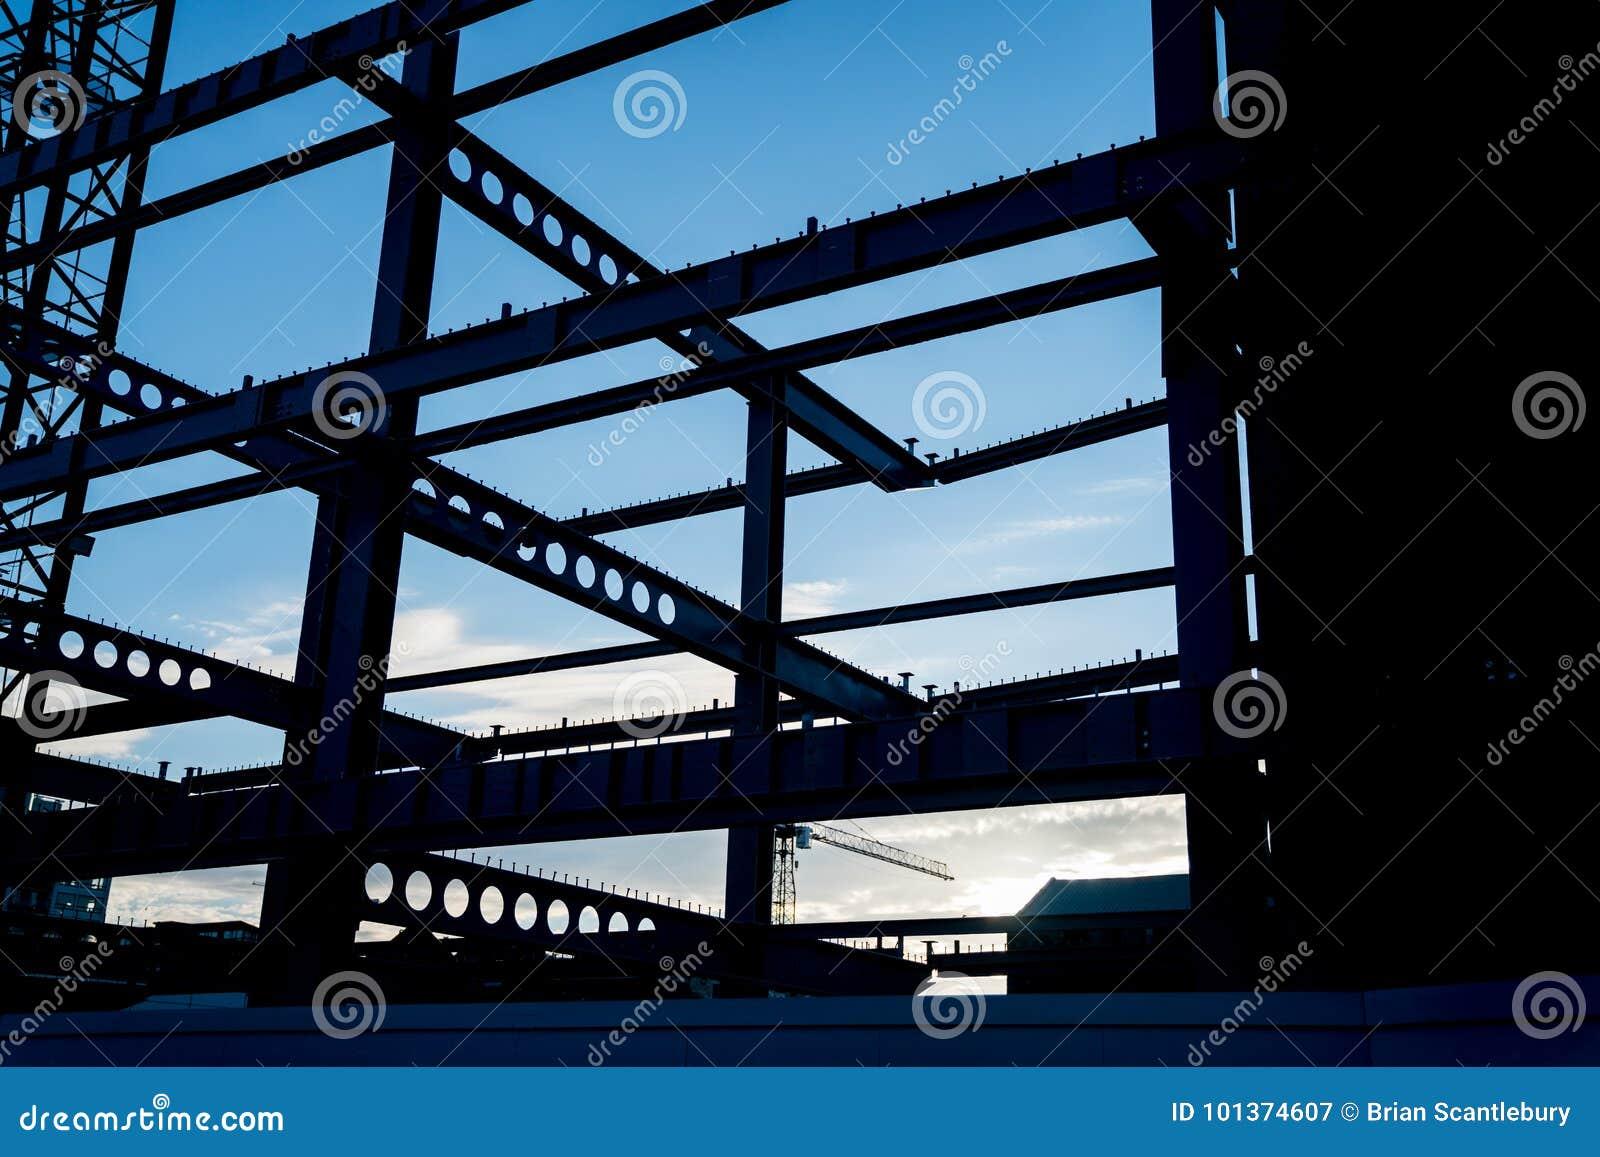 Structureel die staalbalken in silhouet worden ontworpen